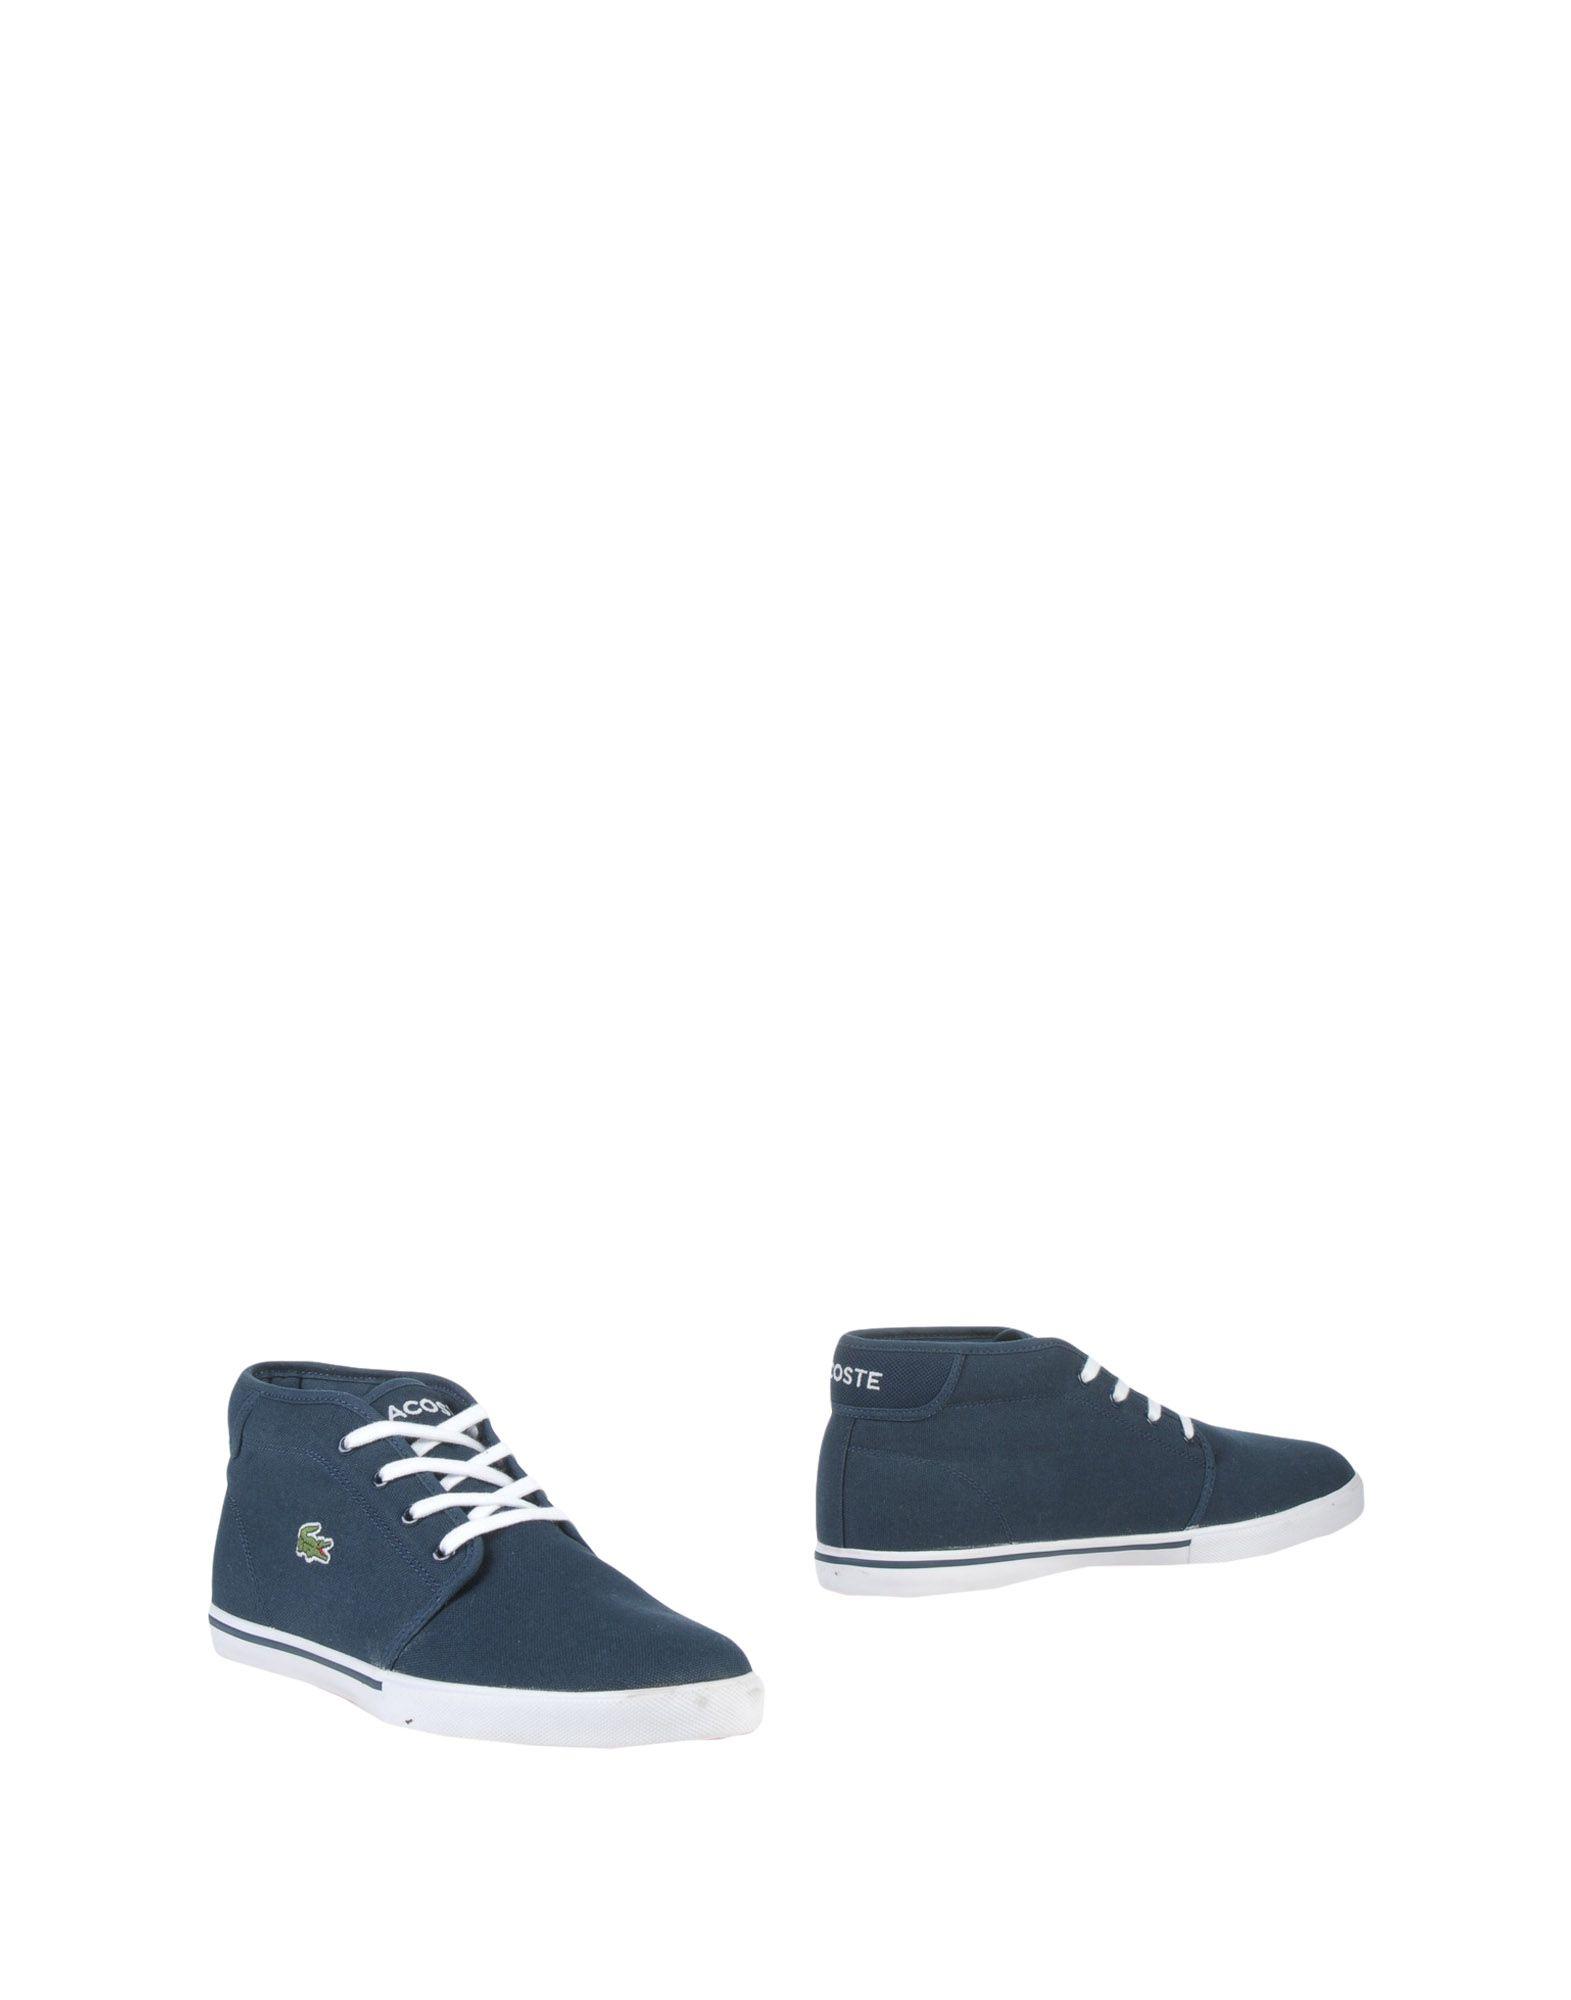 Lacoste Boots - Men Lacoste Boots online on    Canada - 11403135UQ 4e2d71